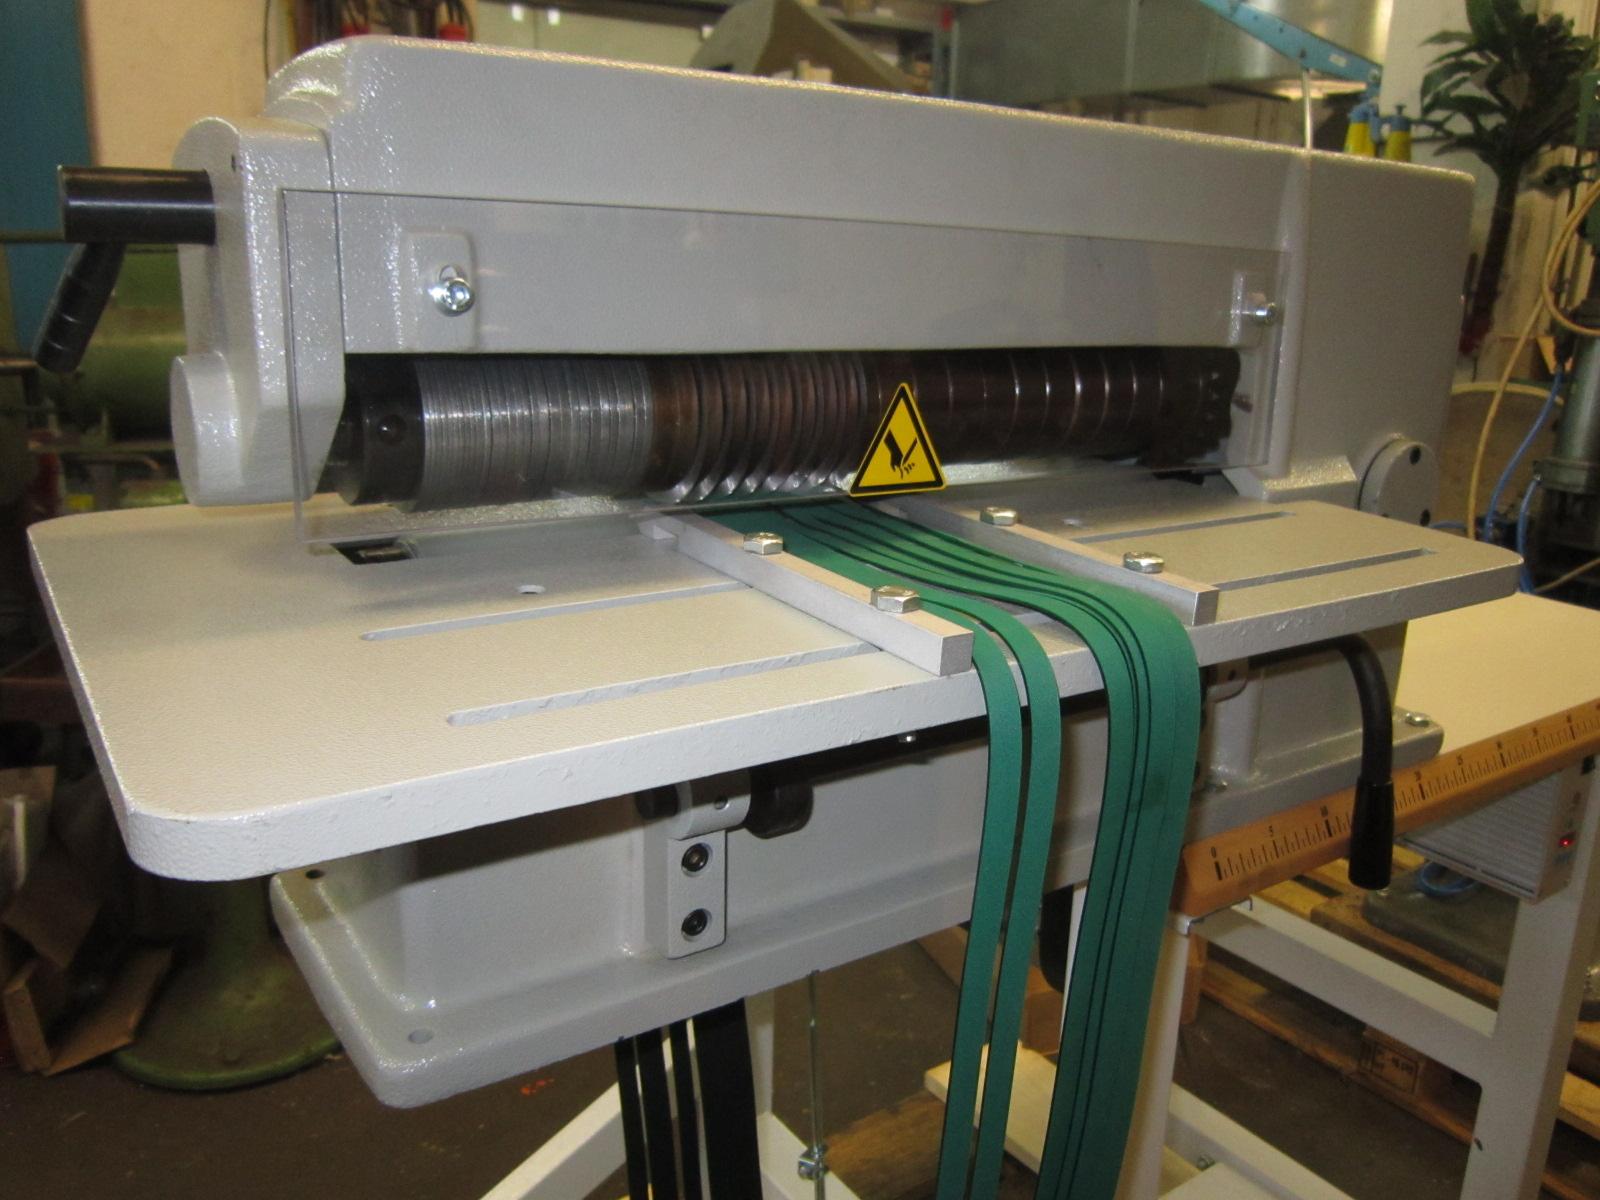 sieck sieck typ 605 400 c schwere riemenschneidemaschine flachriemenschneidemaschine. Black Bedroom Furniture Sets. Home Design Ideas